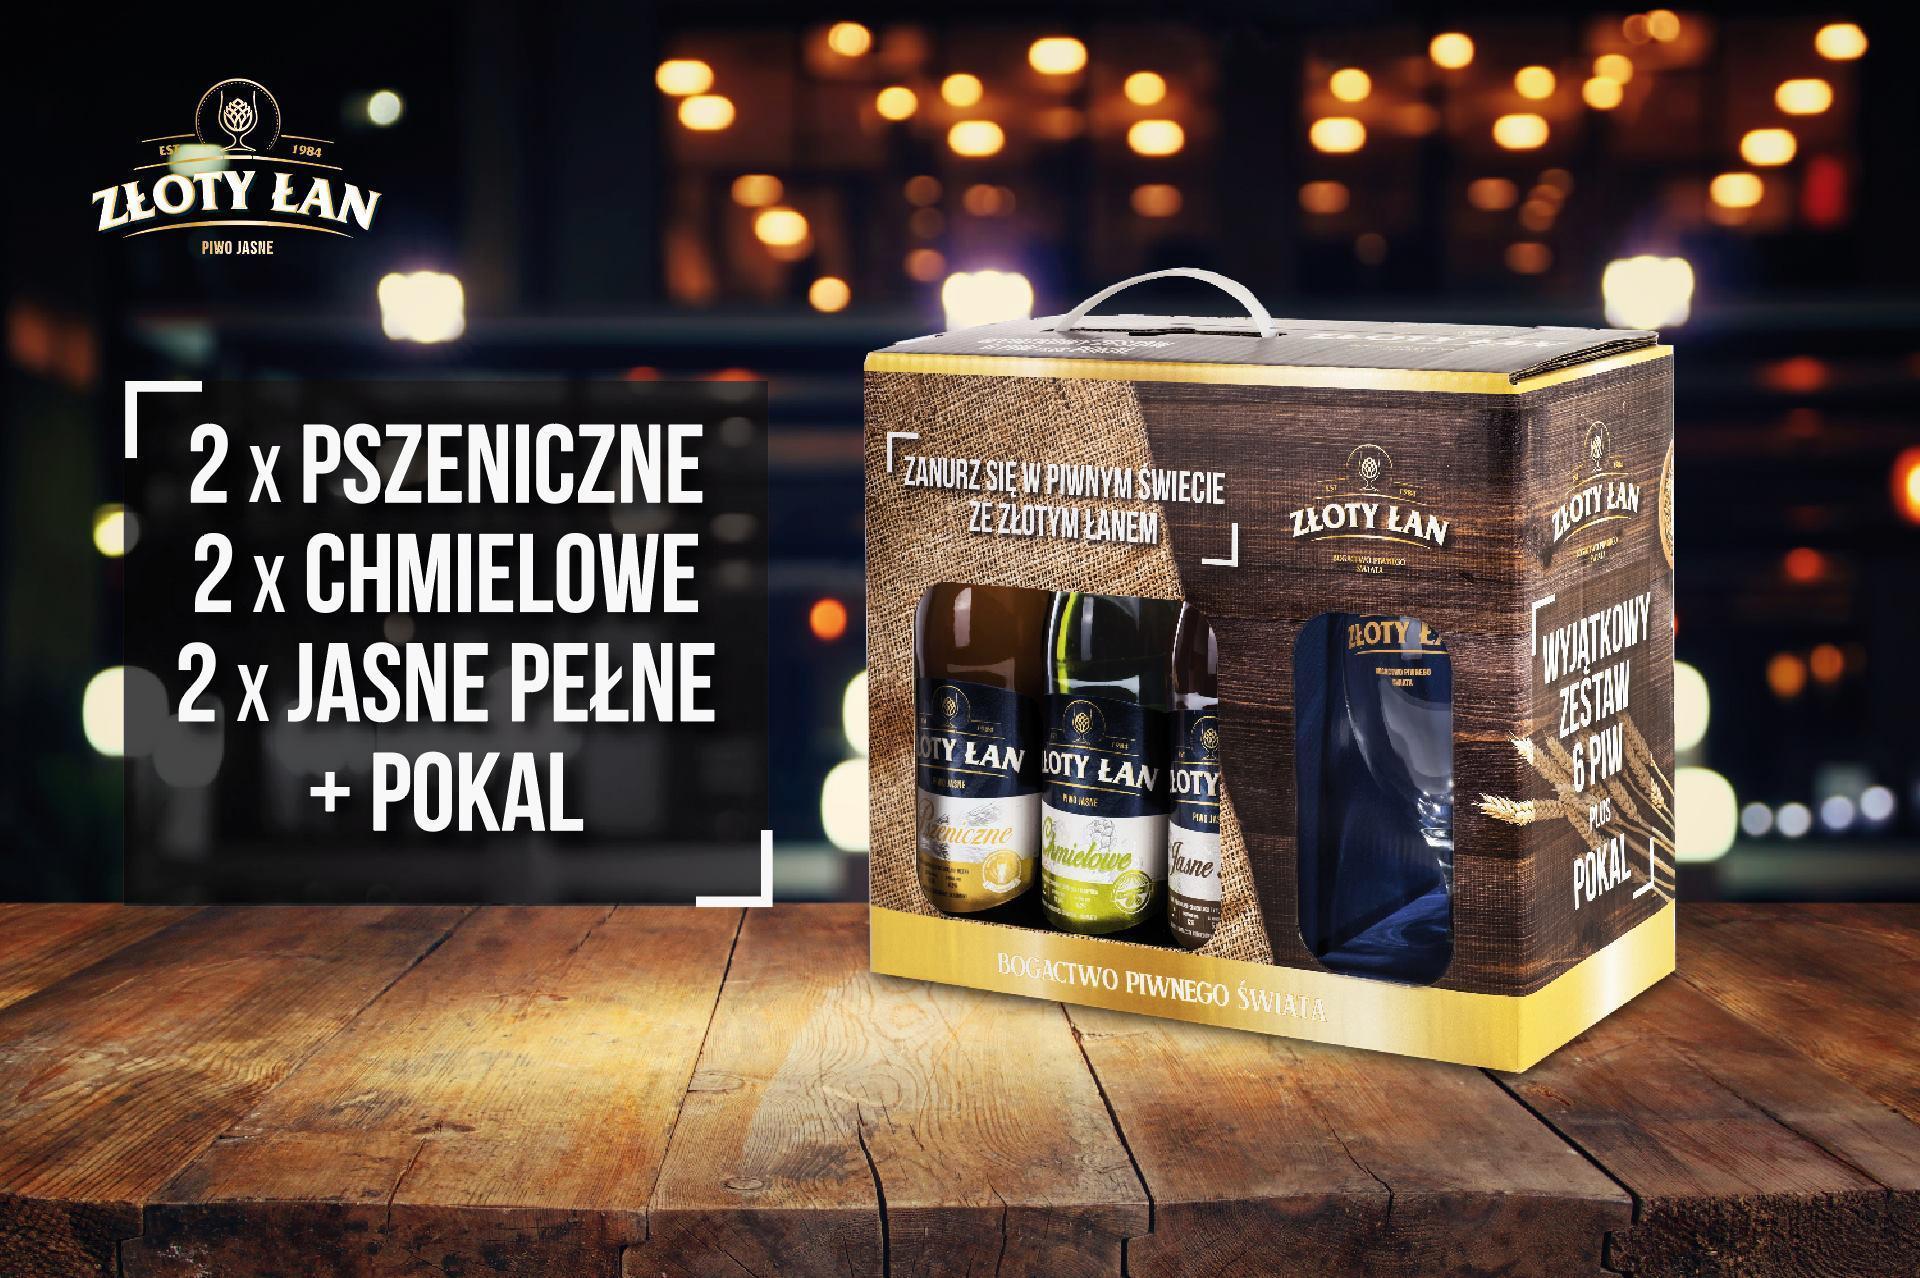 Piwo Złoty Łan - giftpack